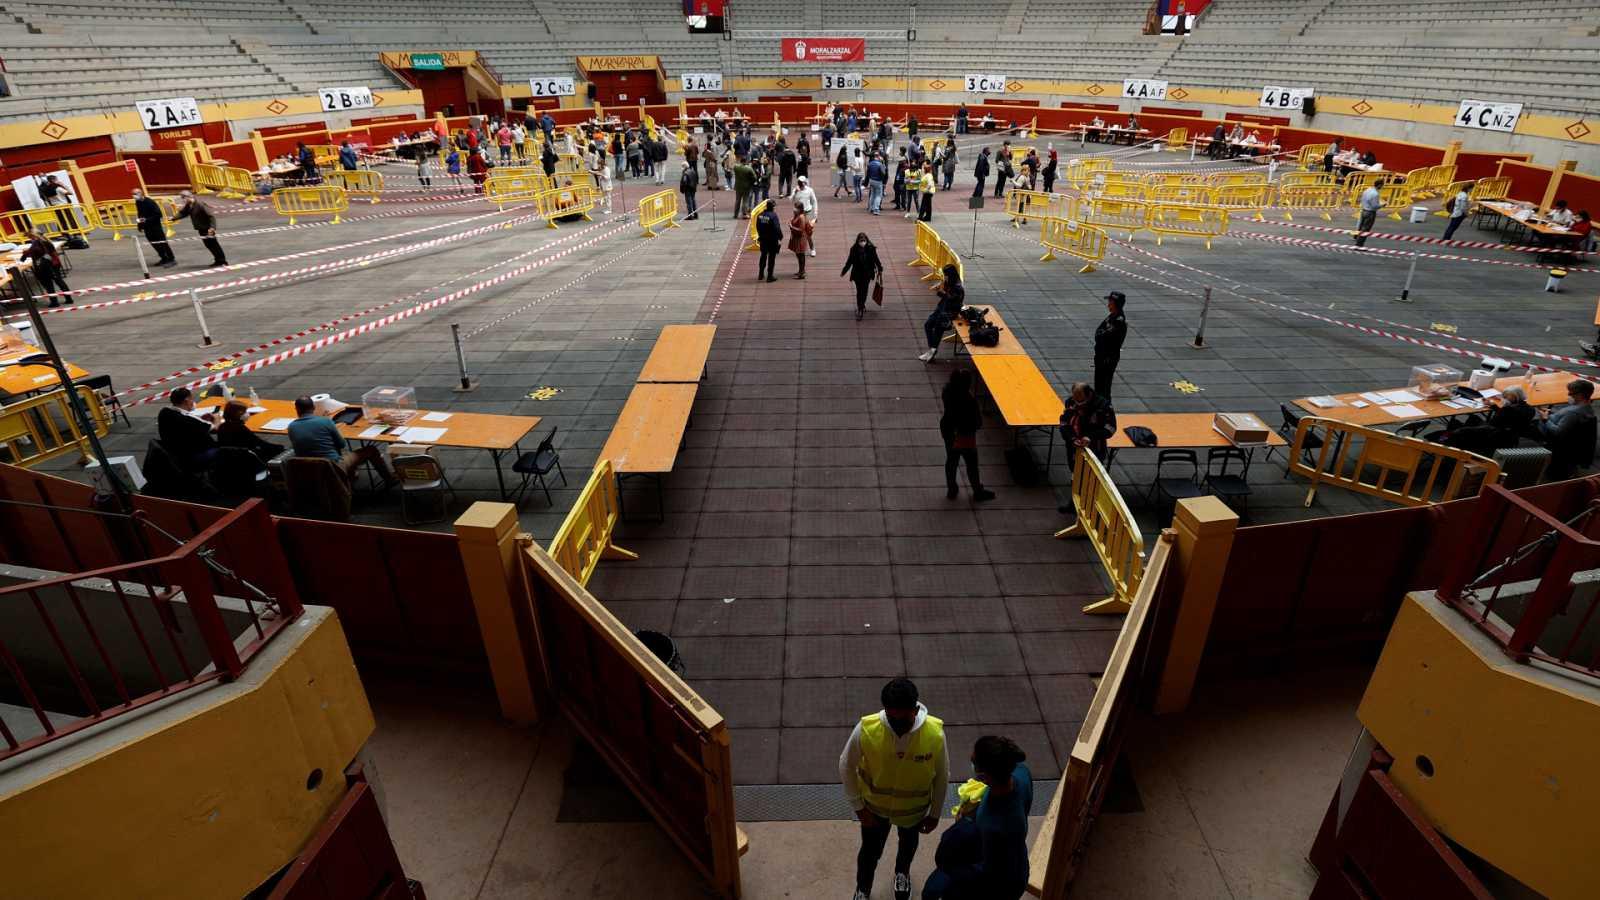 Avance informativo - Jornada electoral autonómica en Madrid (4) - ver ahora